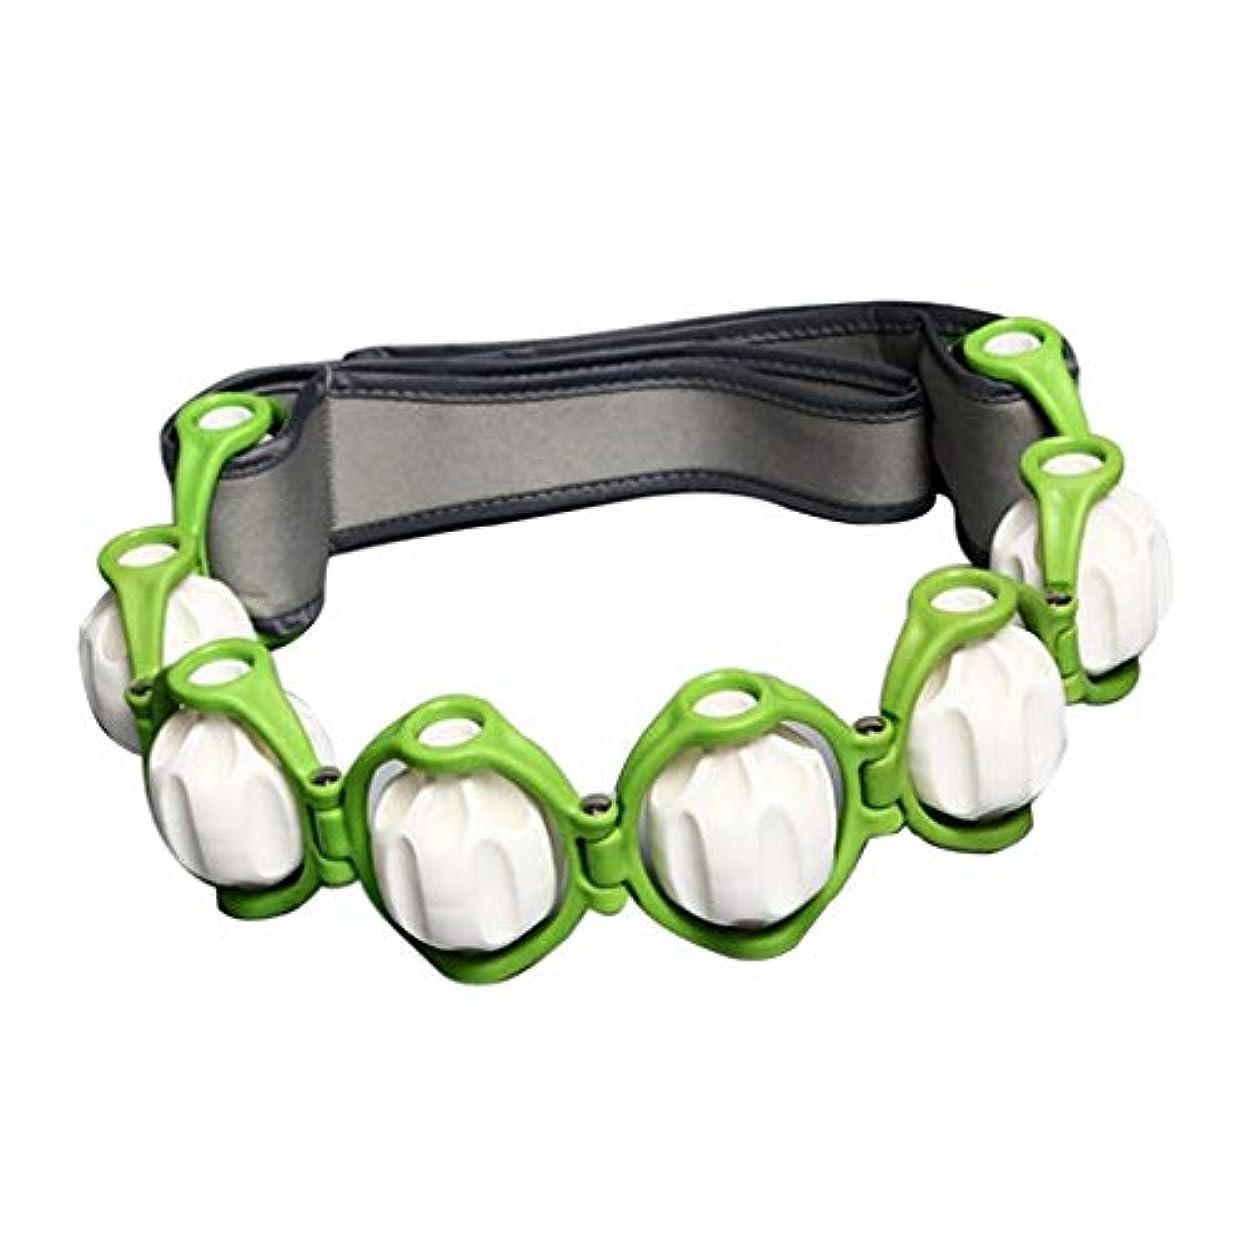 知人手段サンドイッチボディマッサージローラー ロープ付き 六つボール 4色選べ - 緑, 説明したように